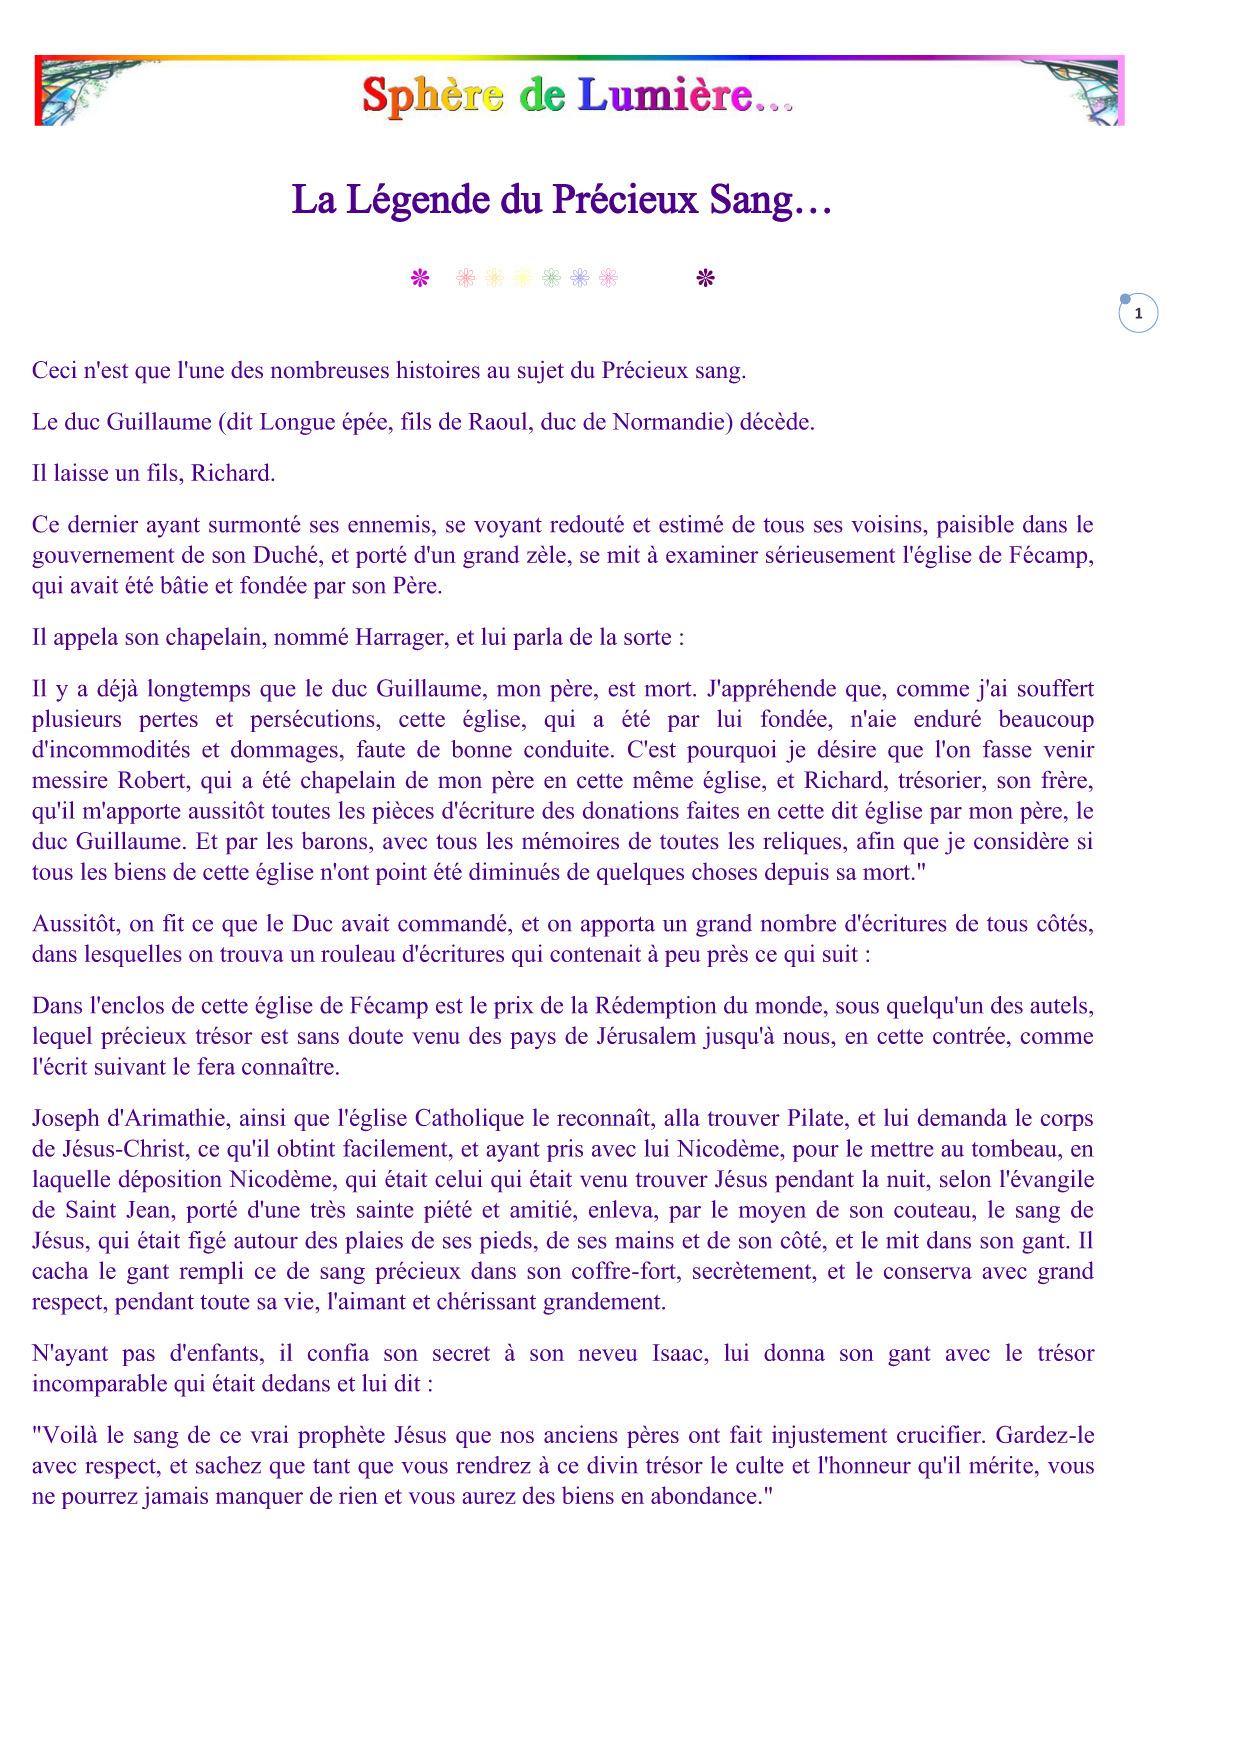 TOUR DE FRANCE VIRTUEL - Page 33 Sans_t10